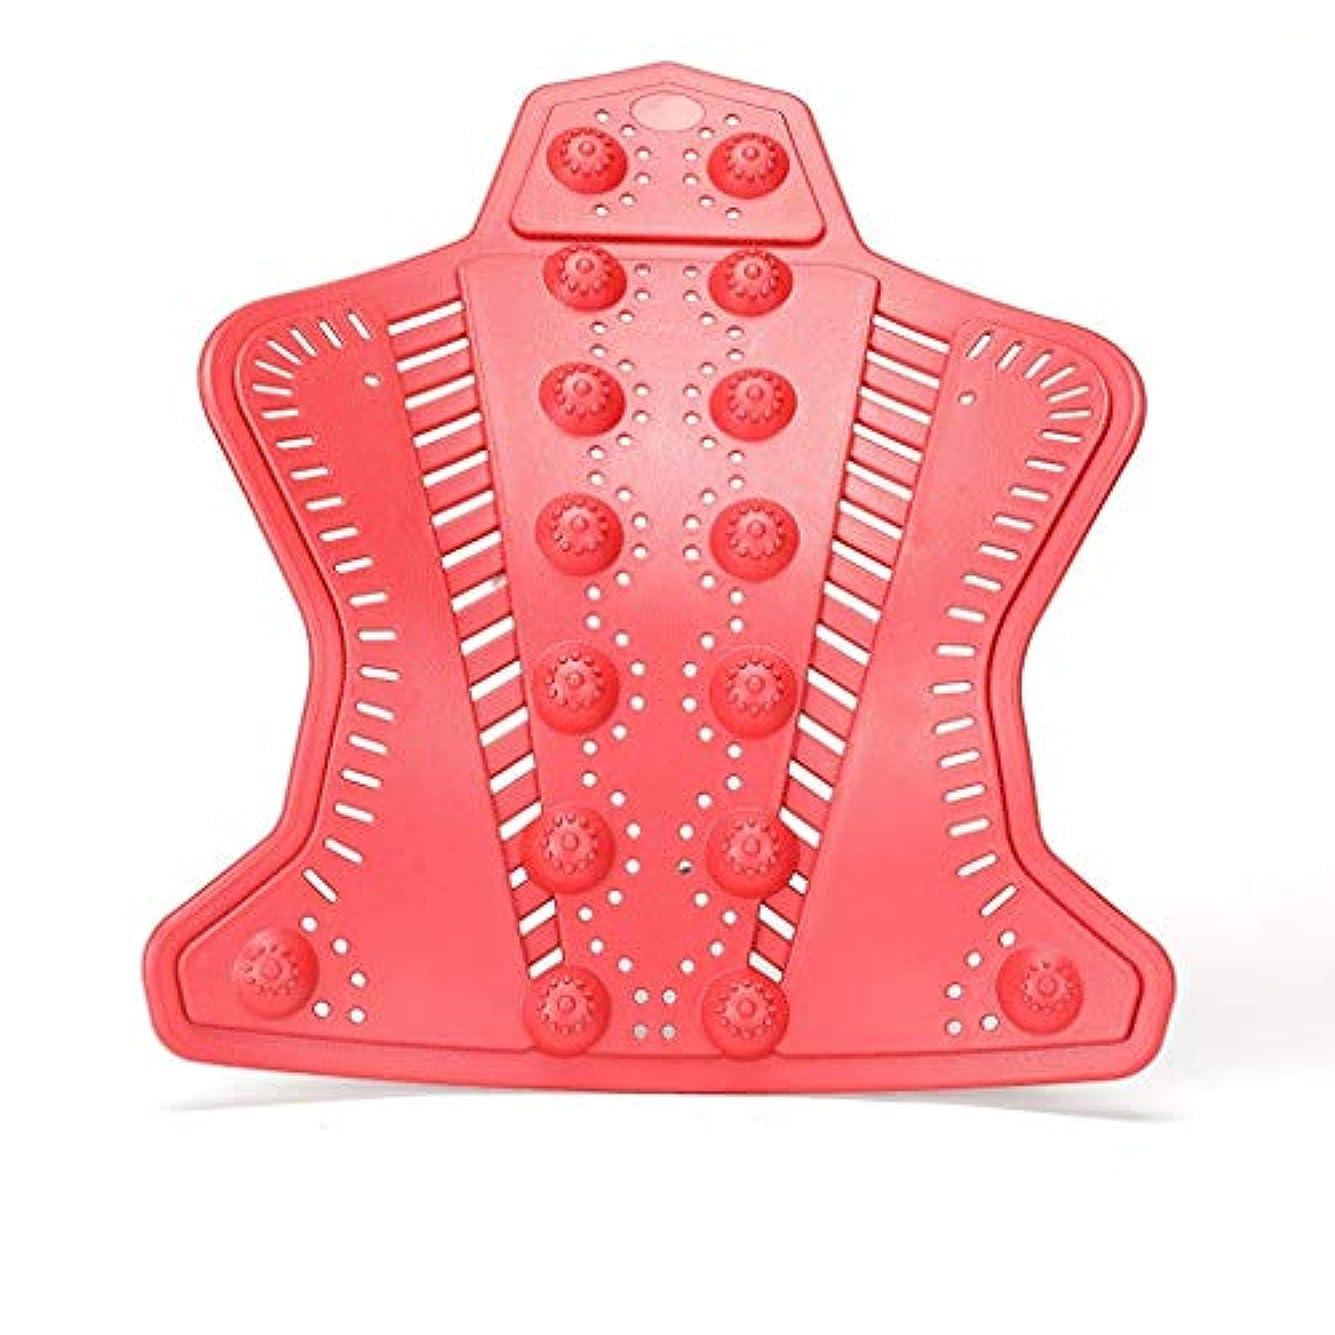 ブラウザ表現実験をする背中のマッサージストレッチャーストレッチマジックウエストサポート首リラックス脊椎の痛み頚椎腰椎牽引ザトウクジラデバイス,Red